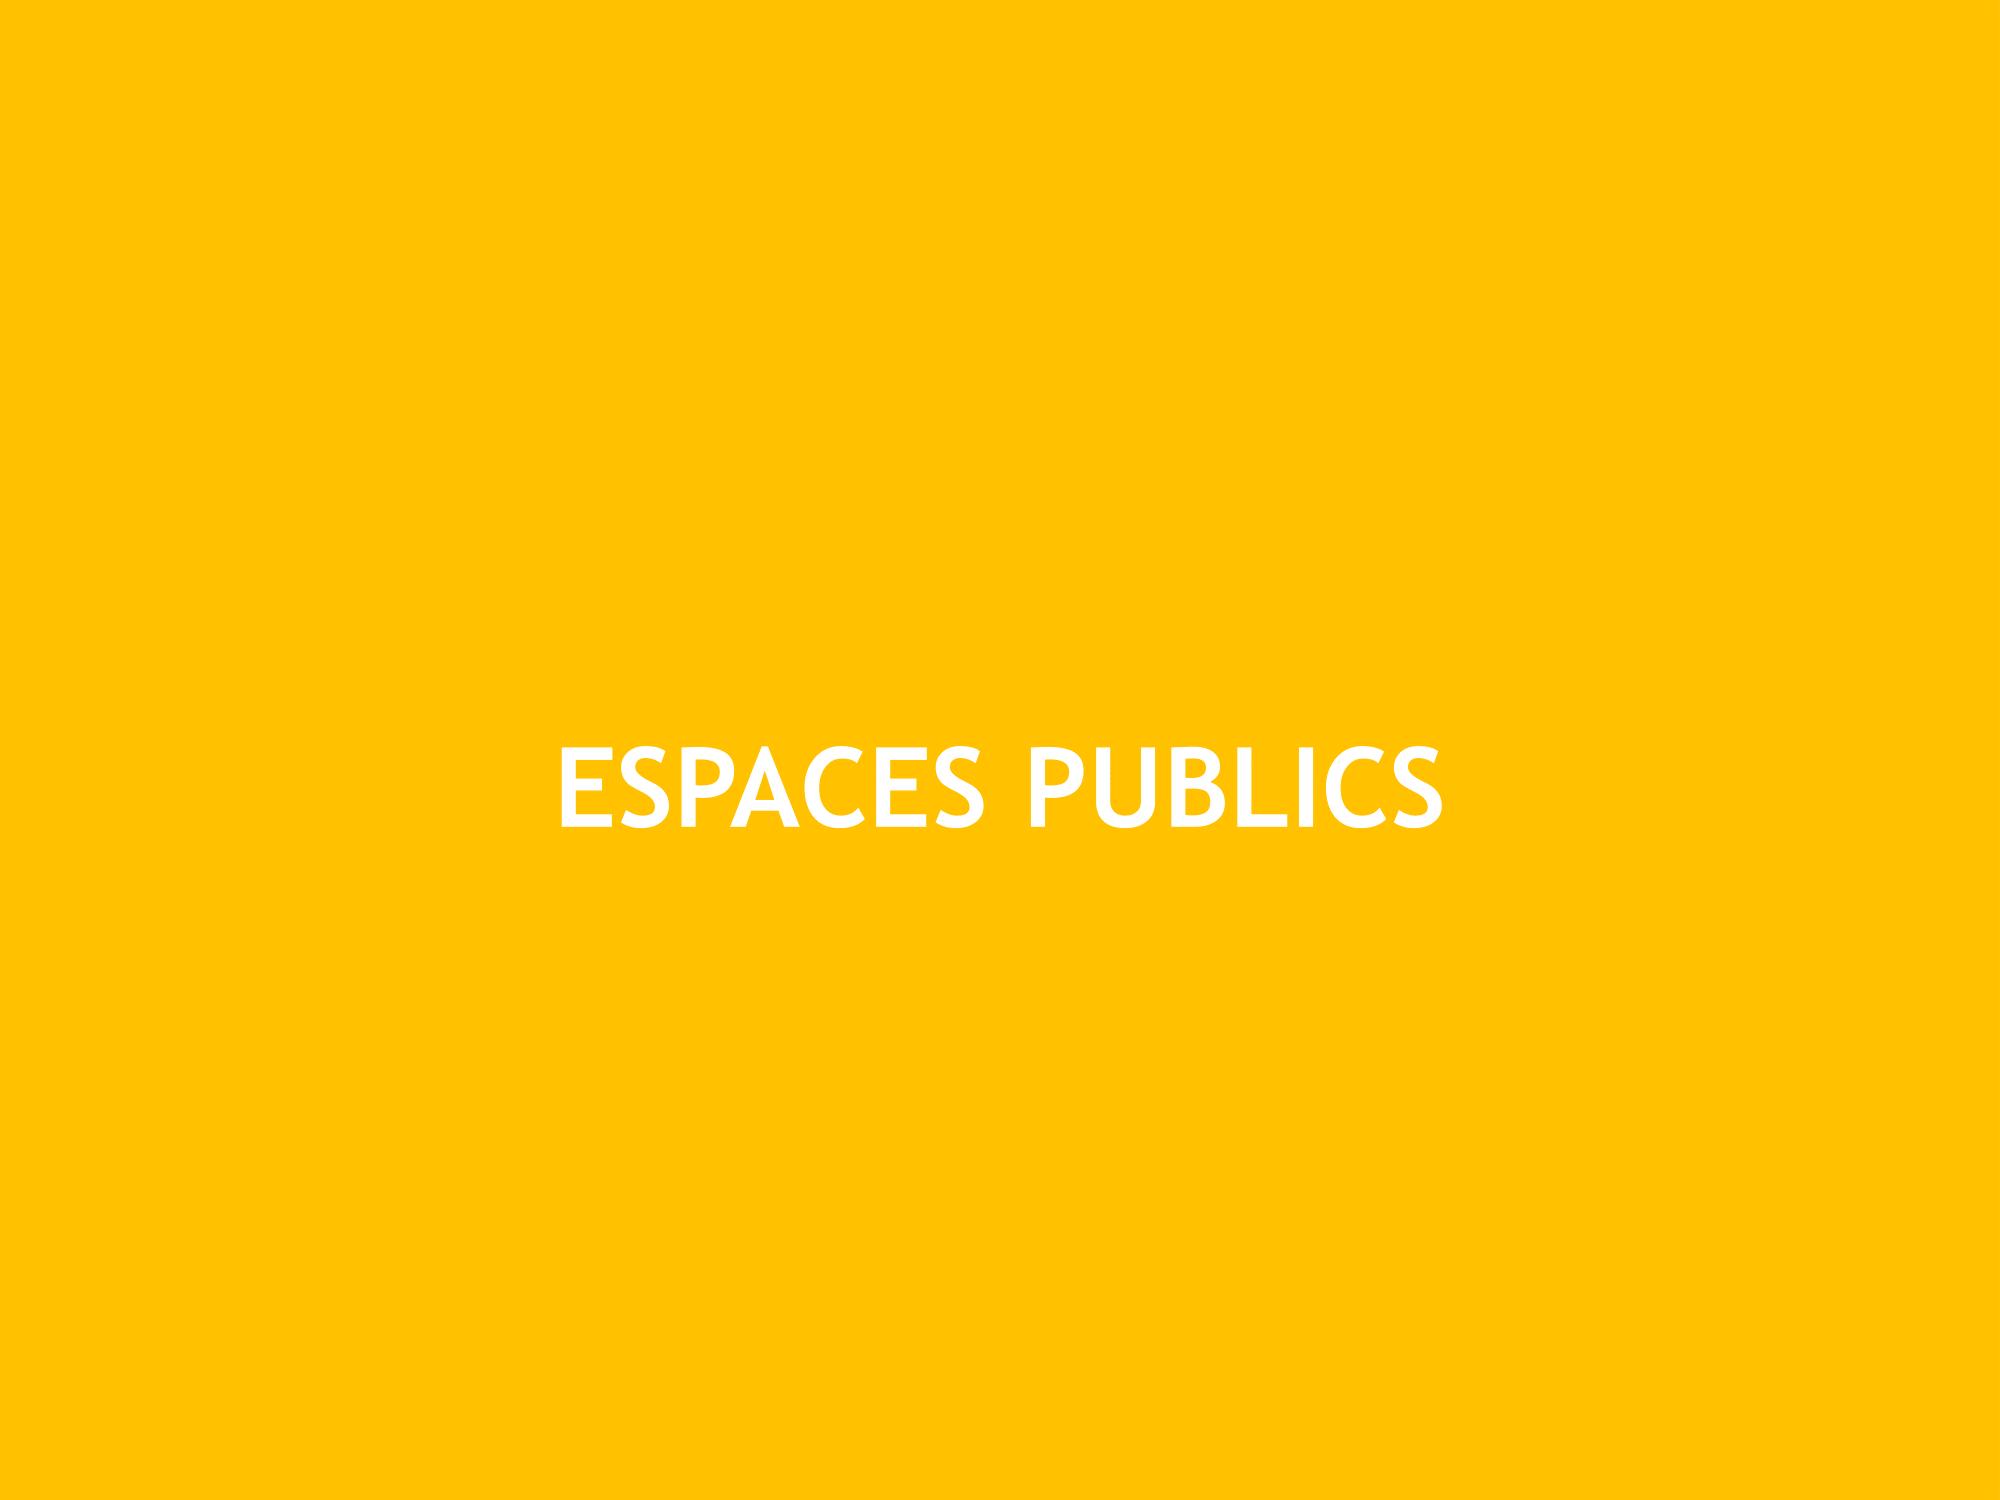 La Constance : Les espaces publics